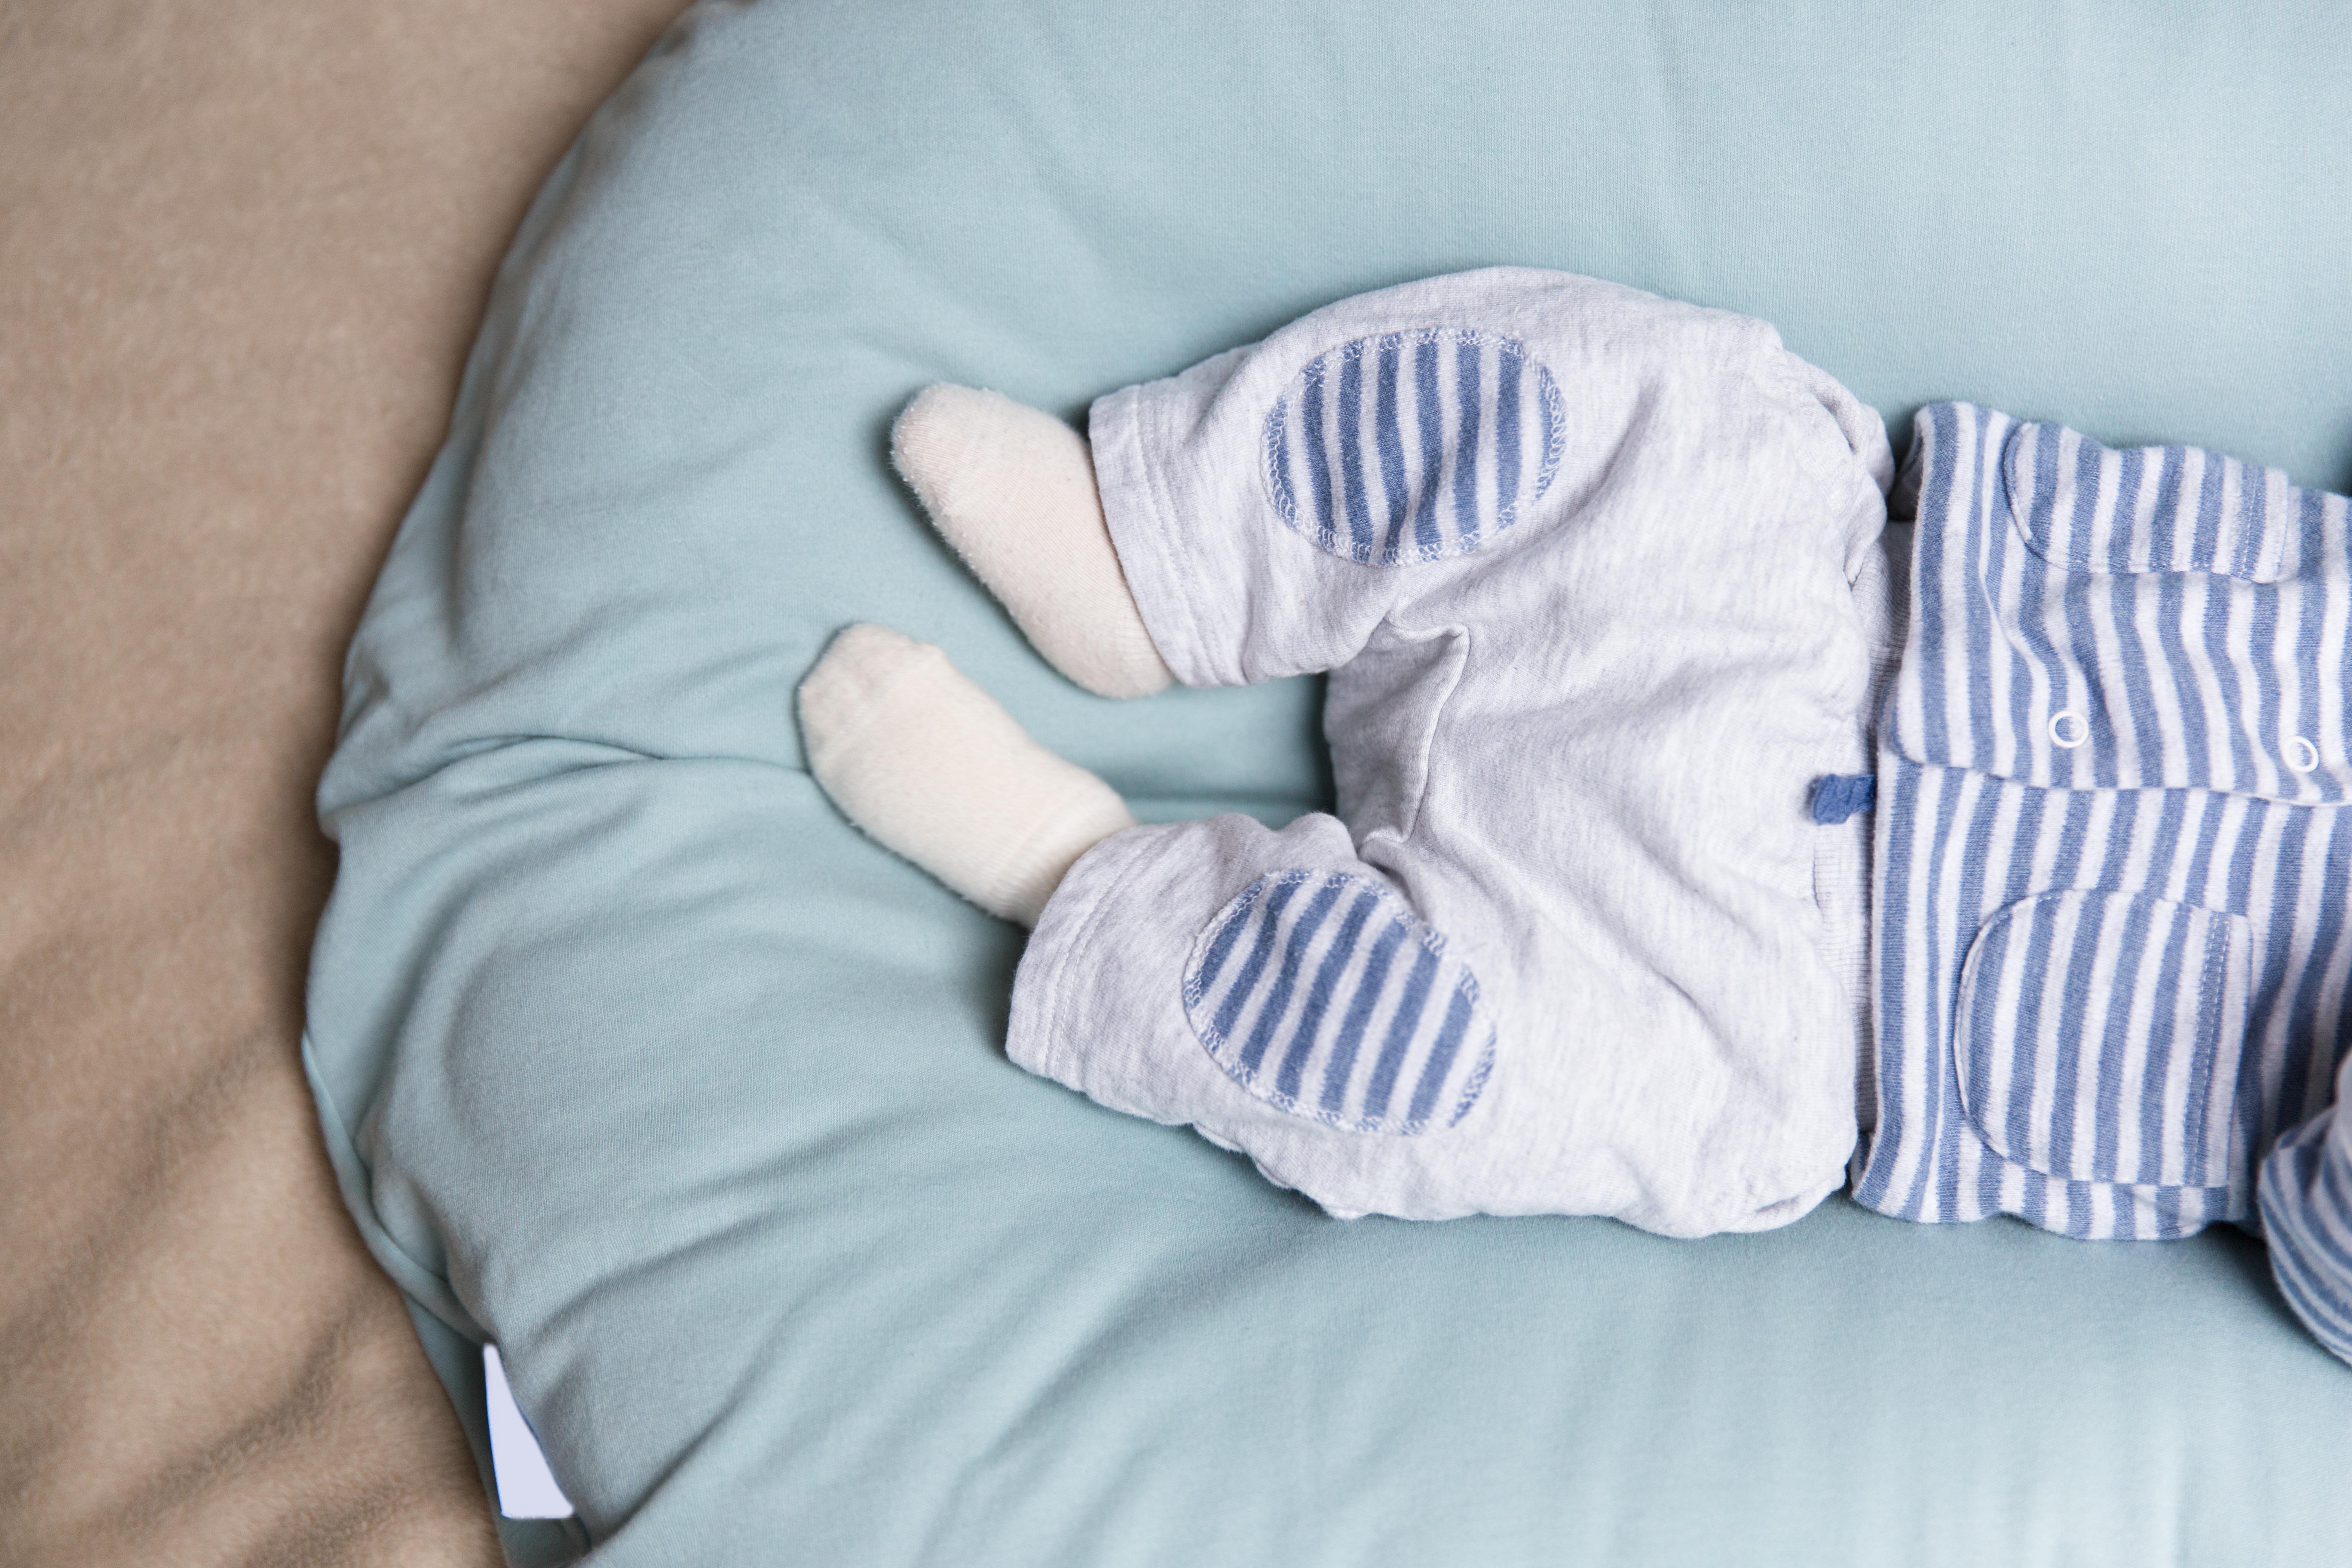 Medio cuerpo de un bebe acostado sobre un cojin azul